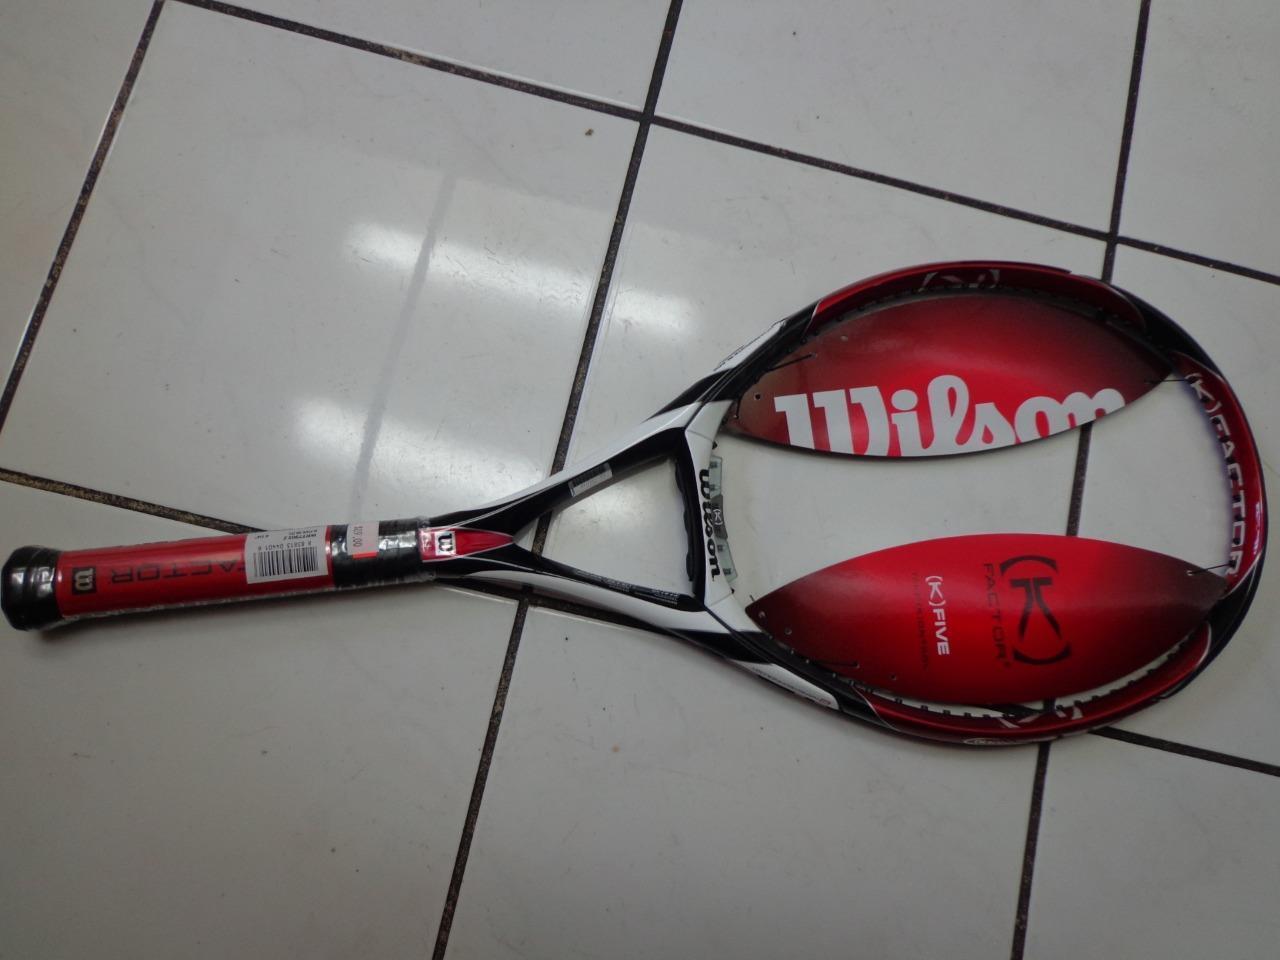 Nouveau Wilson K Factor K5 98 Head 4 3 8 grip raquette de tennis